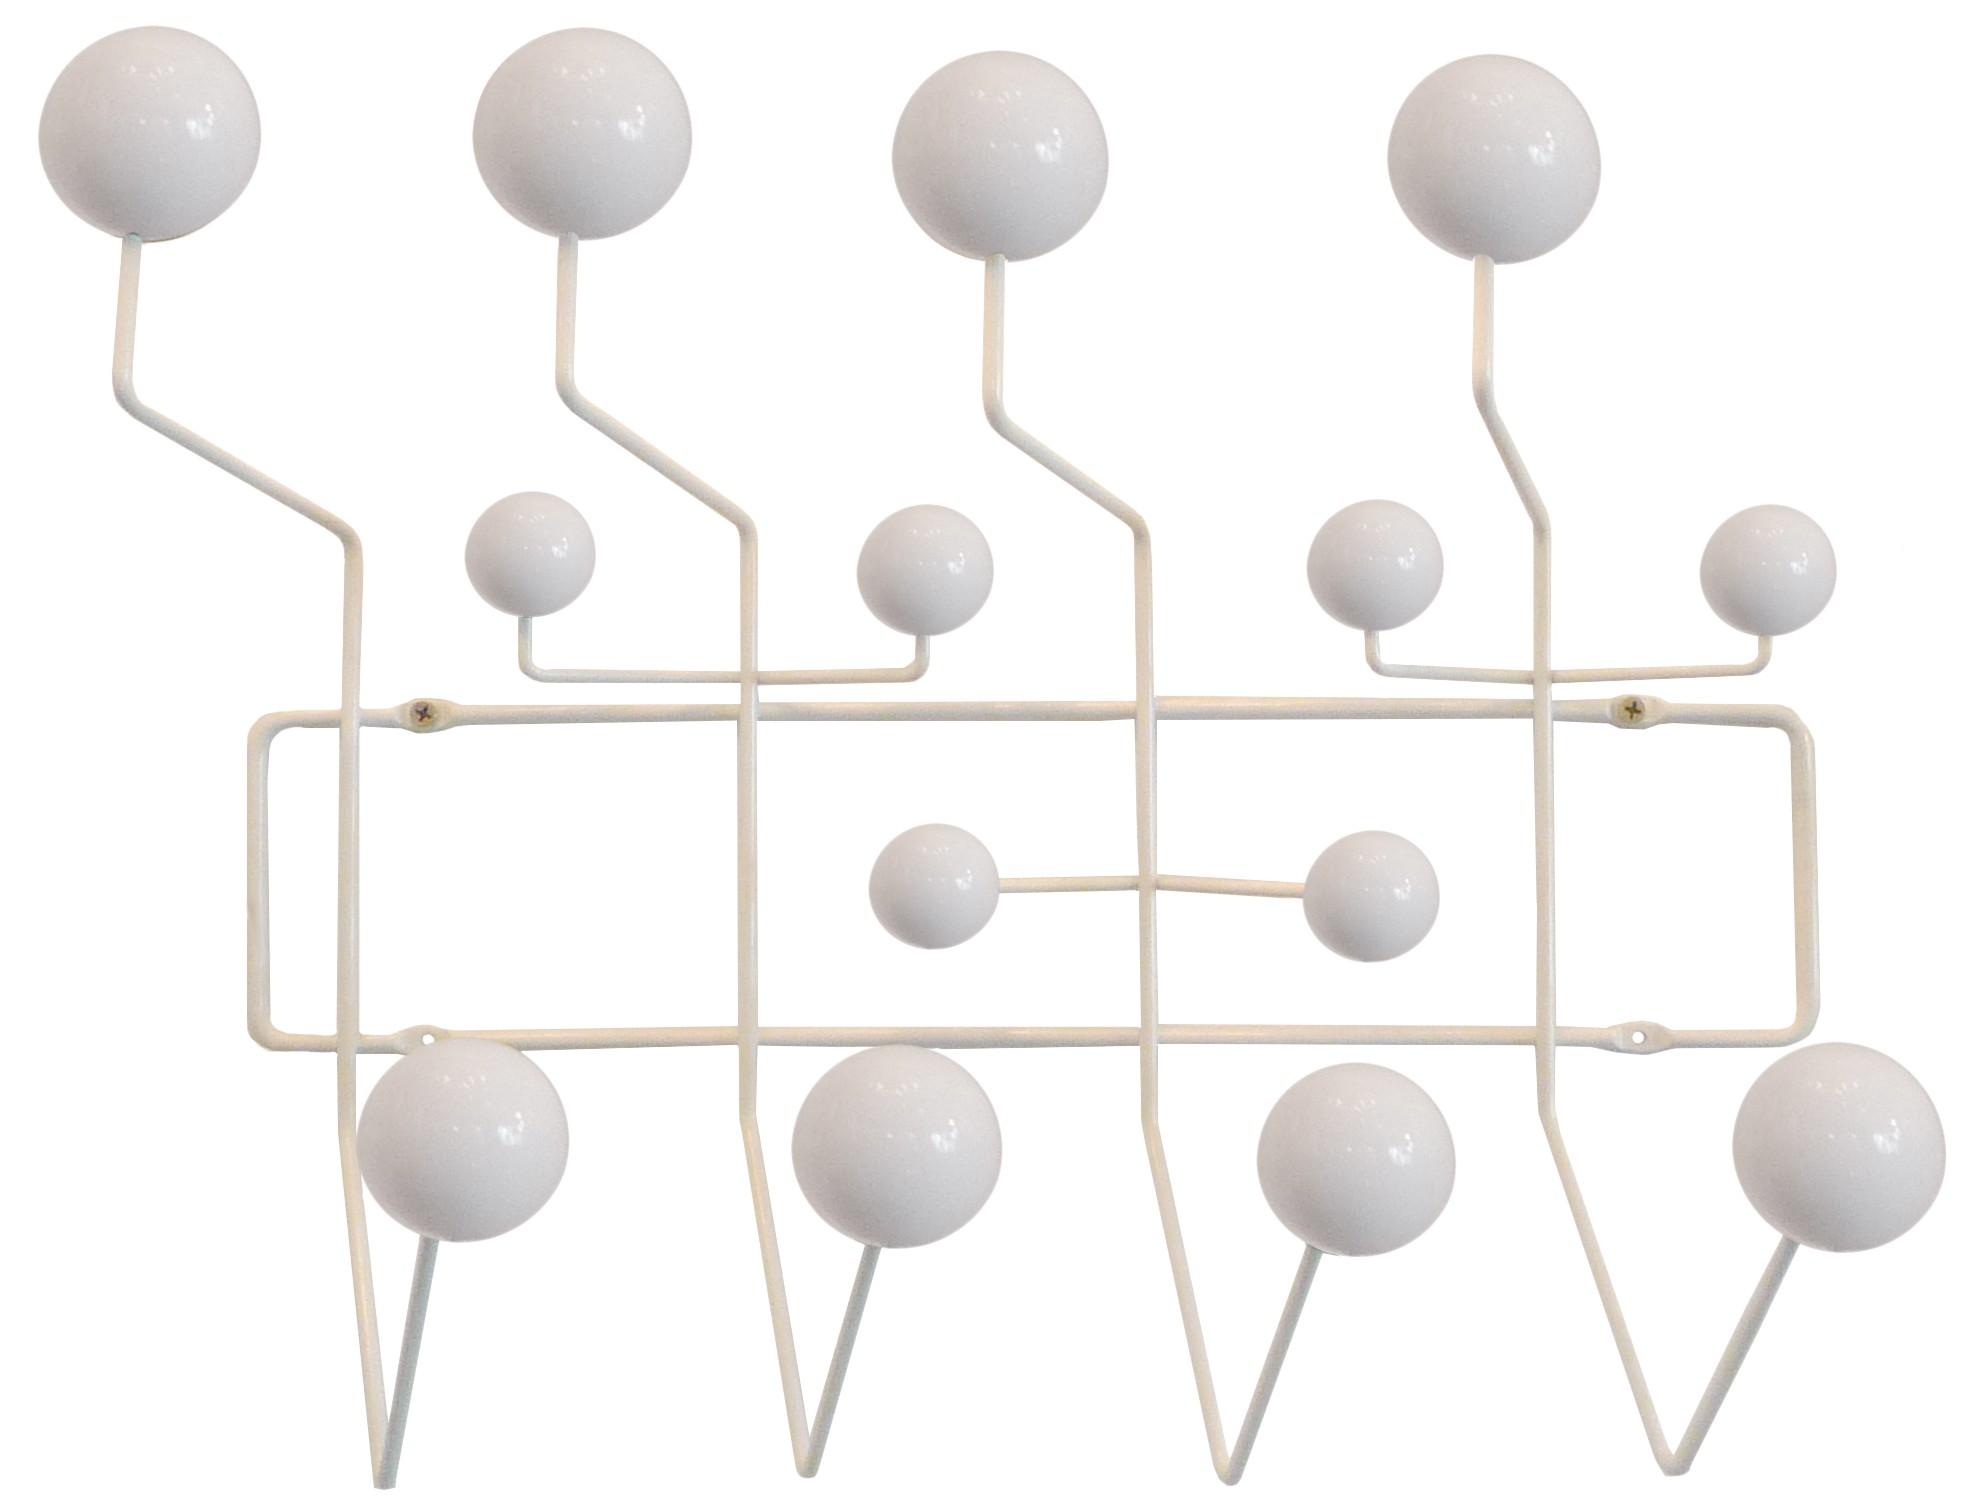 charles eames peg hang it all white design peg. Black Bedroom Furniture Sets. Home Design Ideas